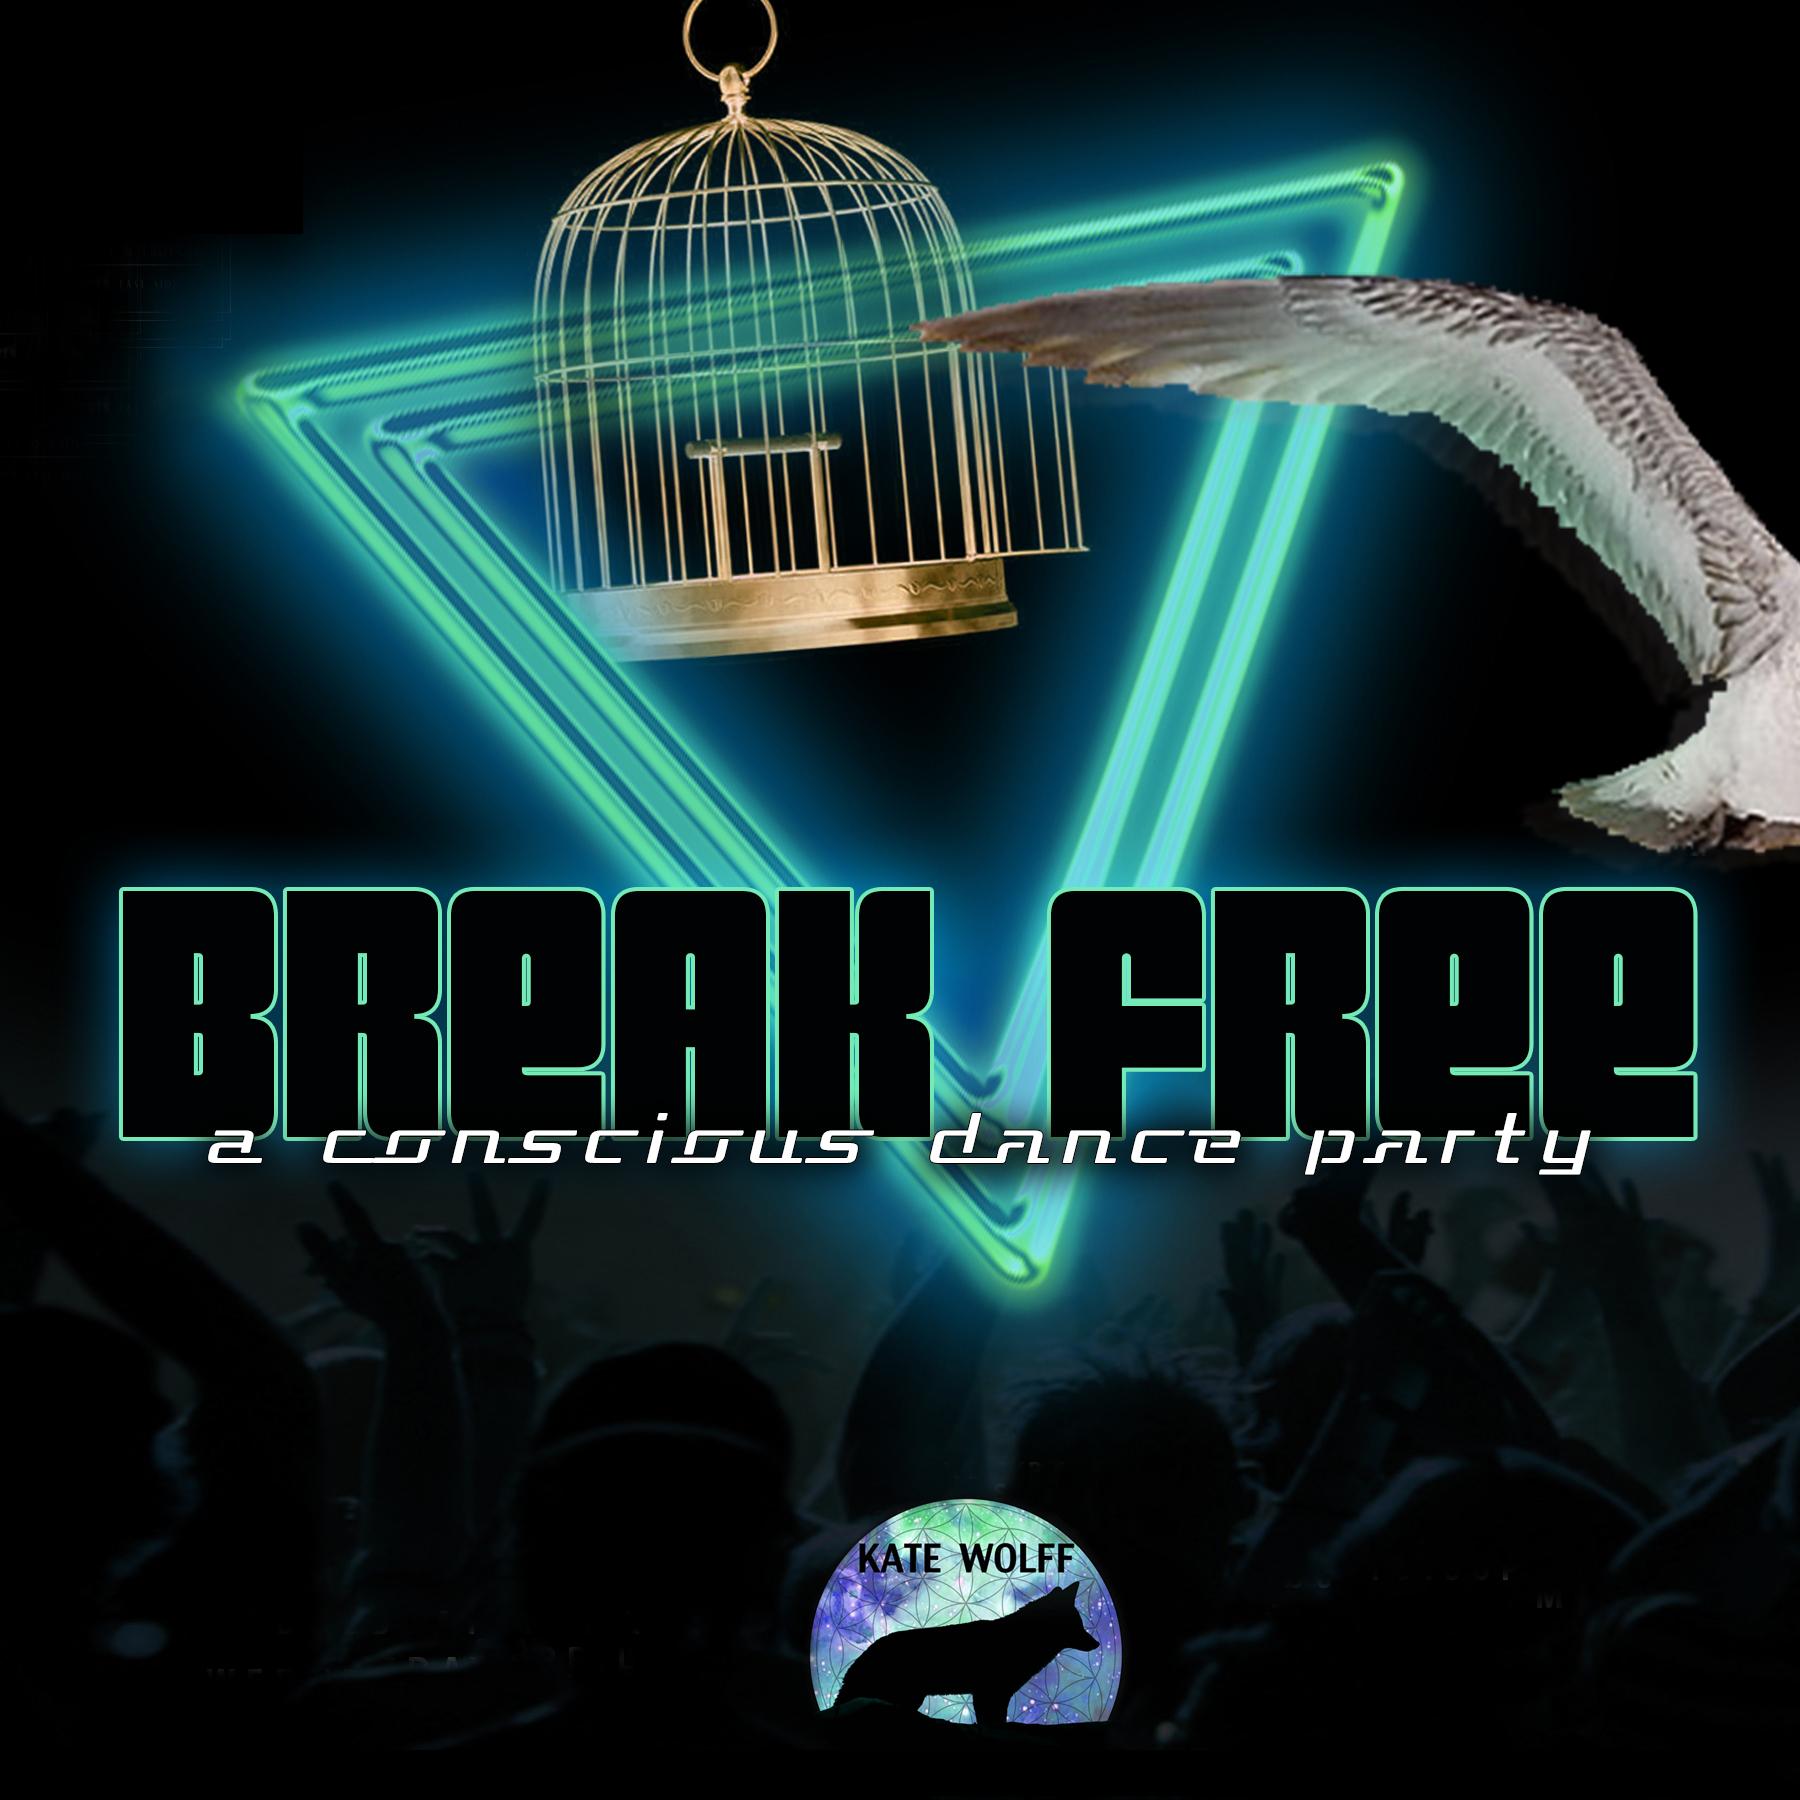 Break Free Party BK.jpg